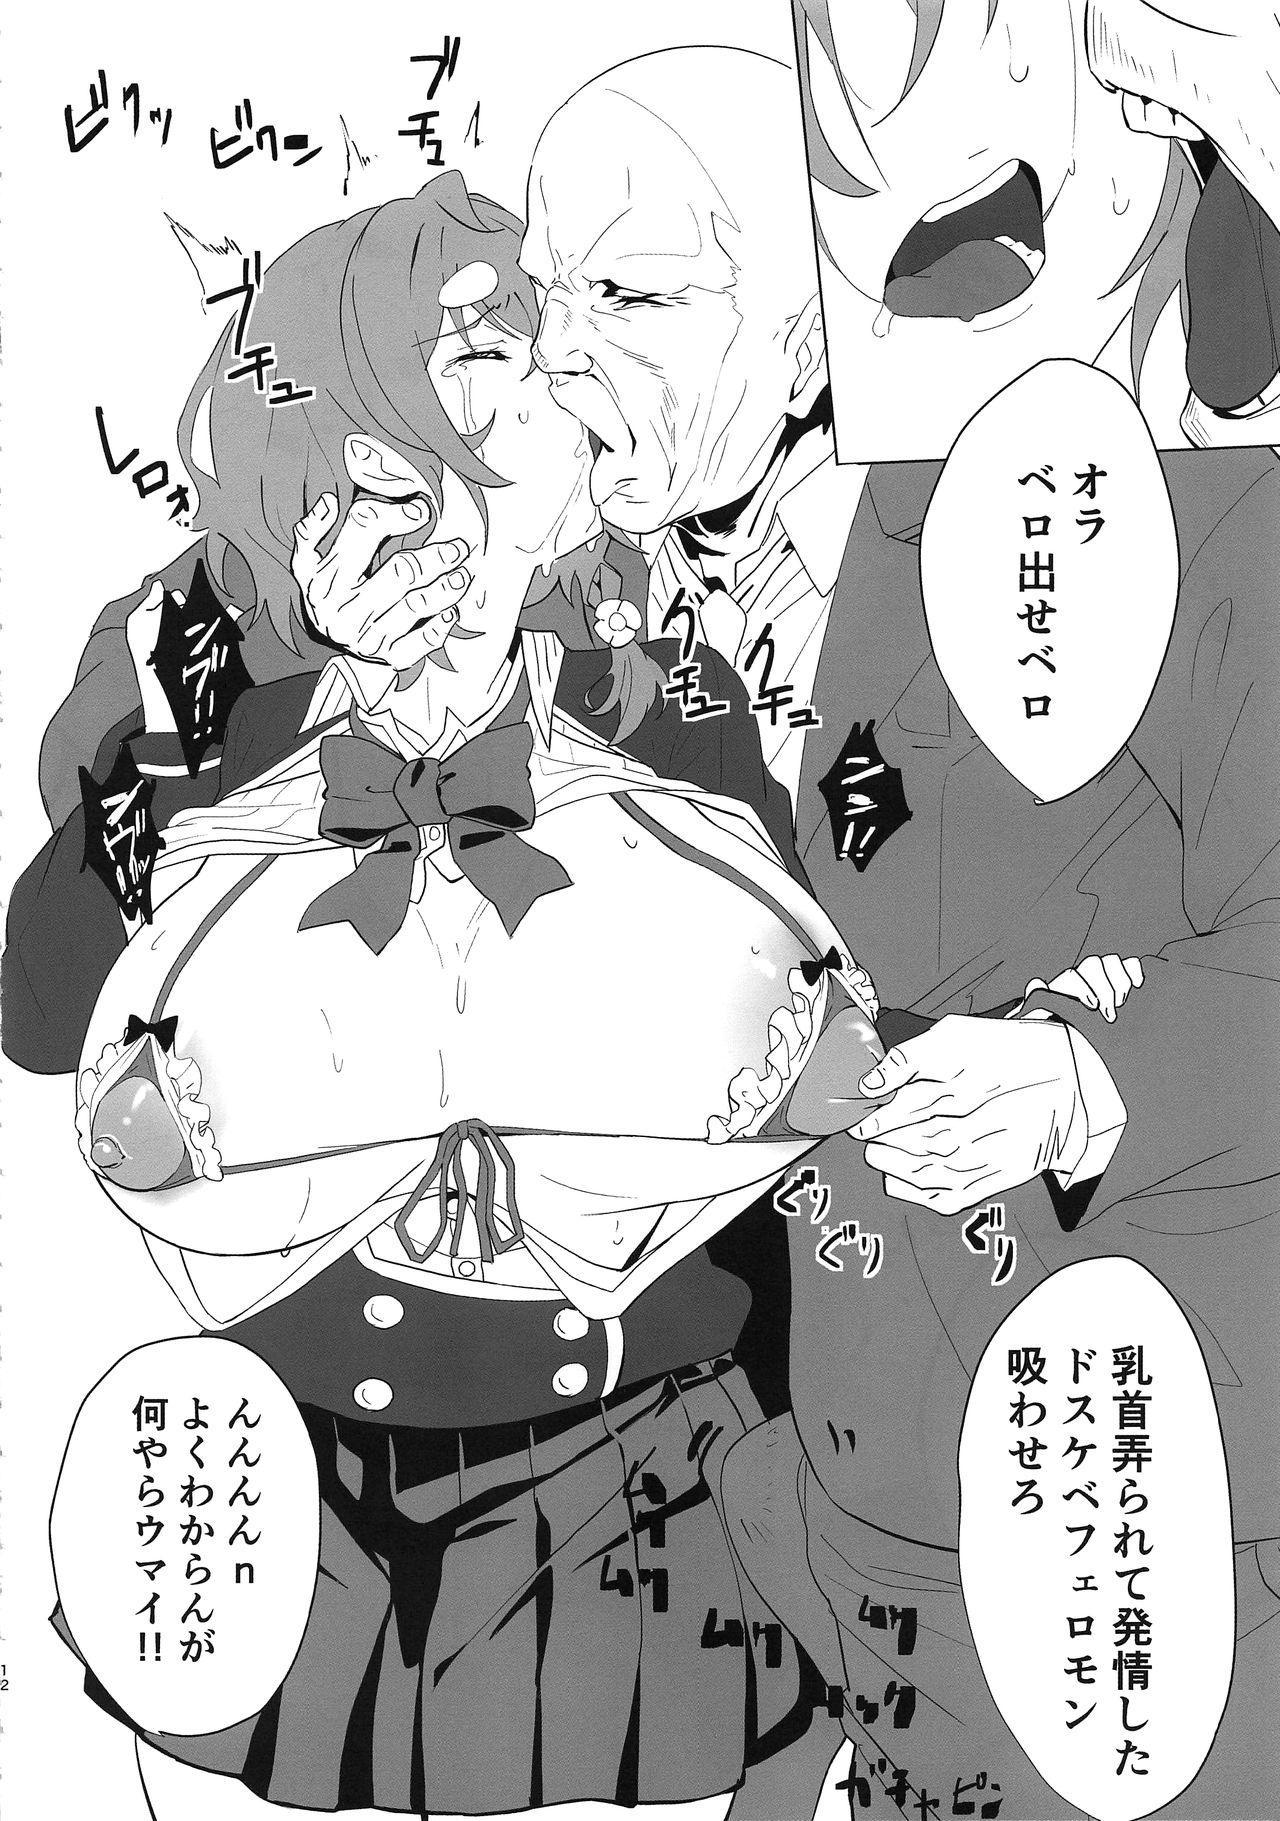 Koiwai Shishou ni Hidoi Koto suru Hon 11